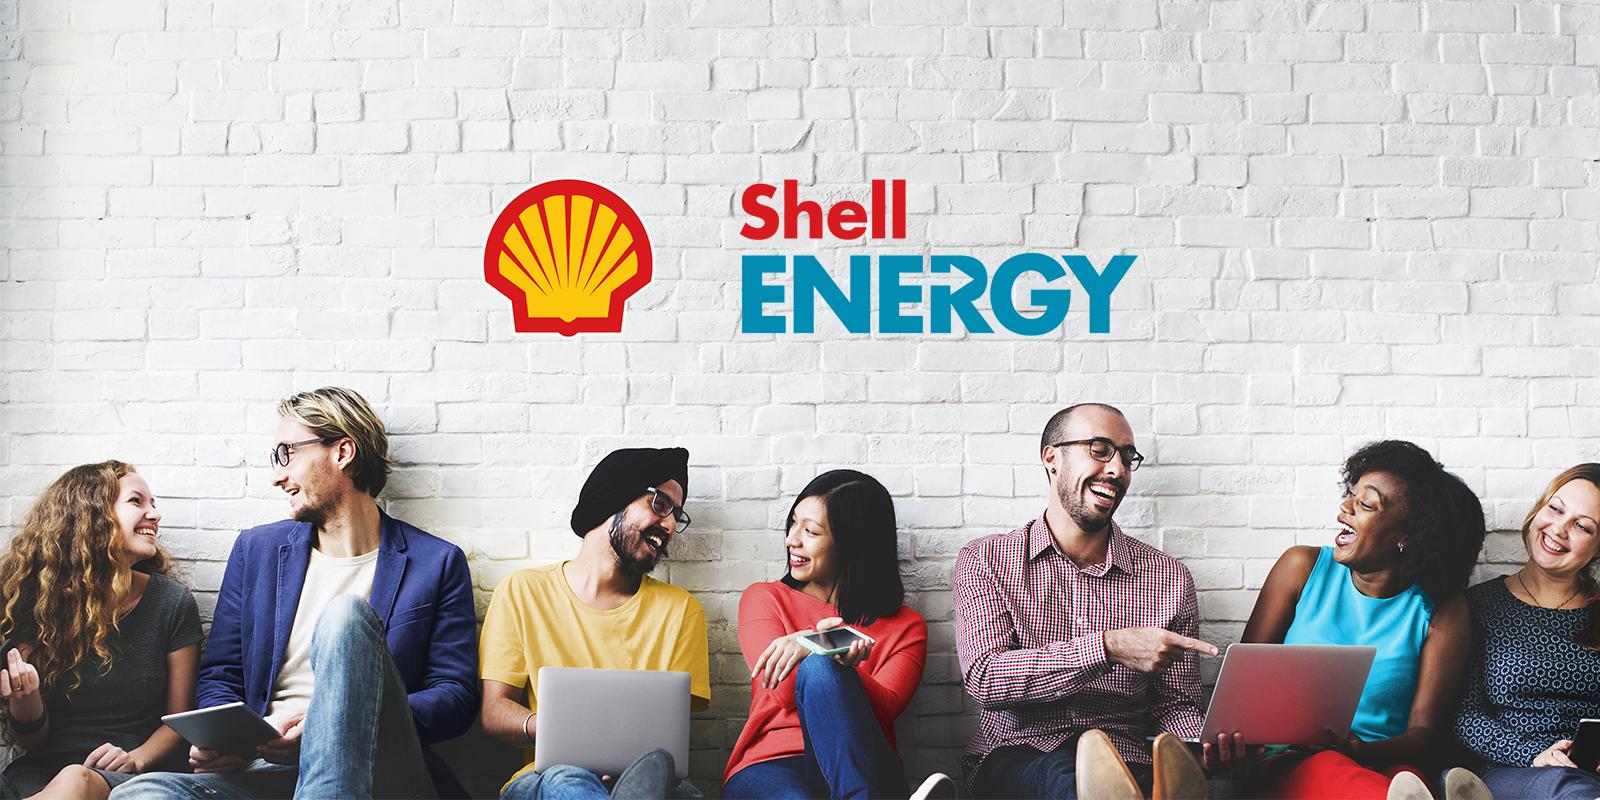 shellenergy.mention-me.com